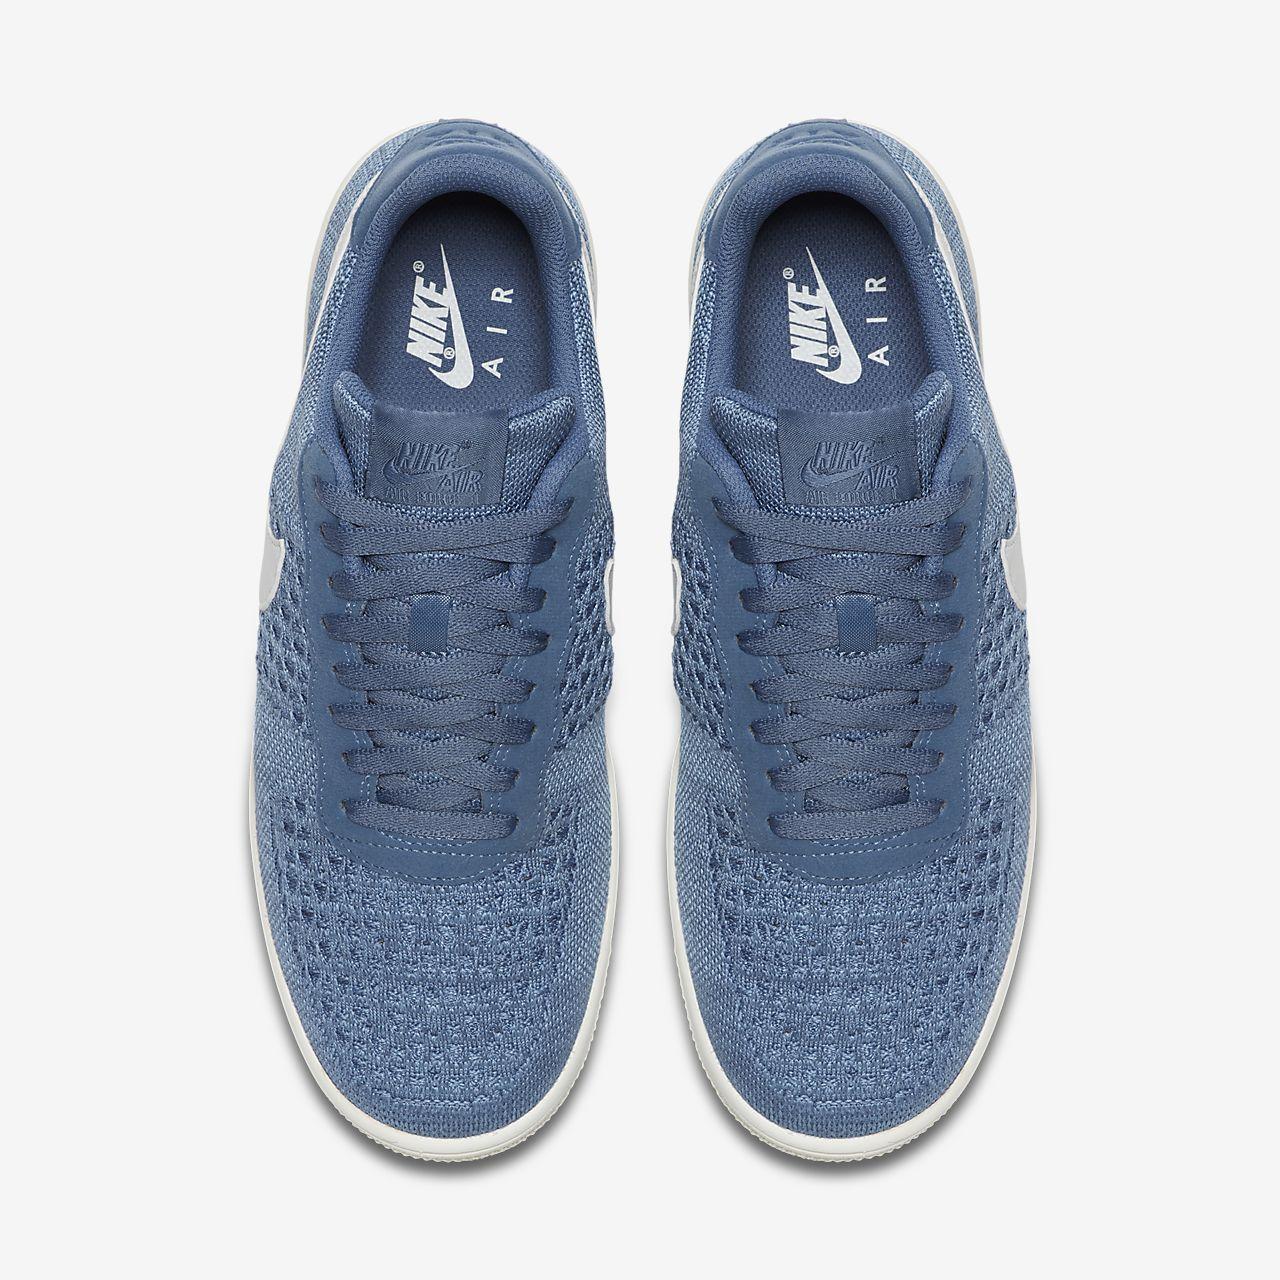 tania wyprzedaż 100% jakości amazonka Nike Air Force 1 Flyknit 2.0 Men's Shoe